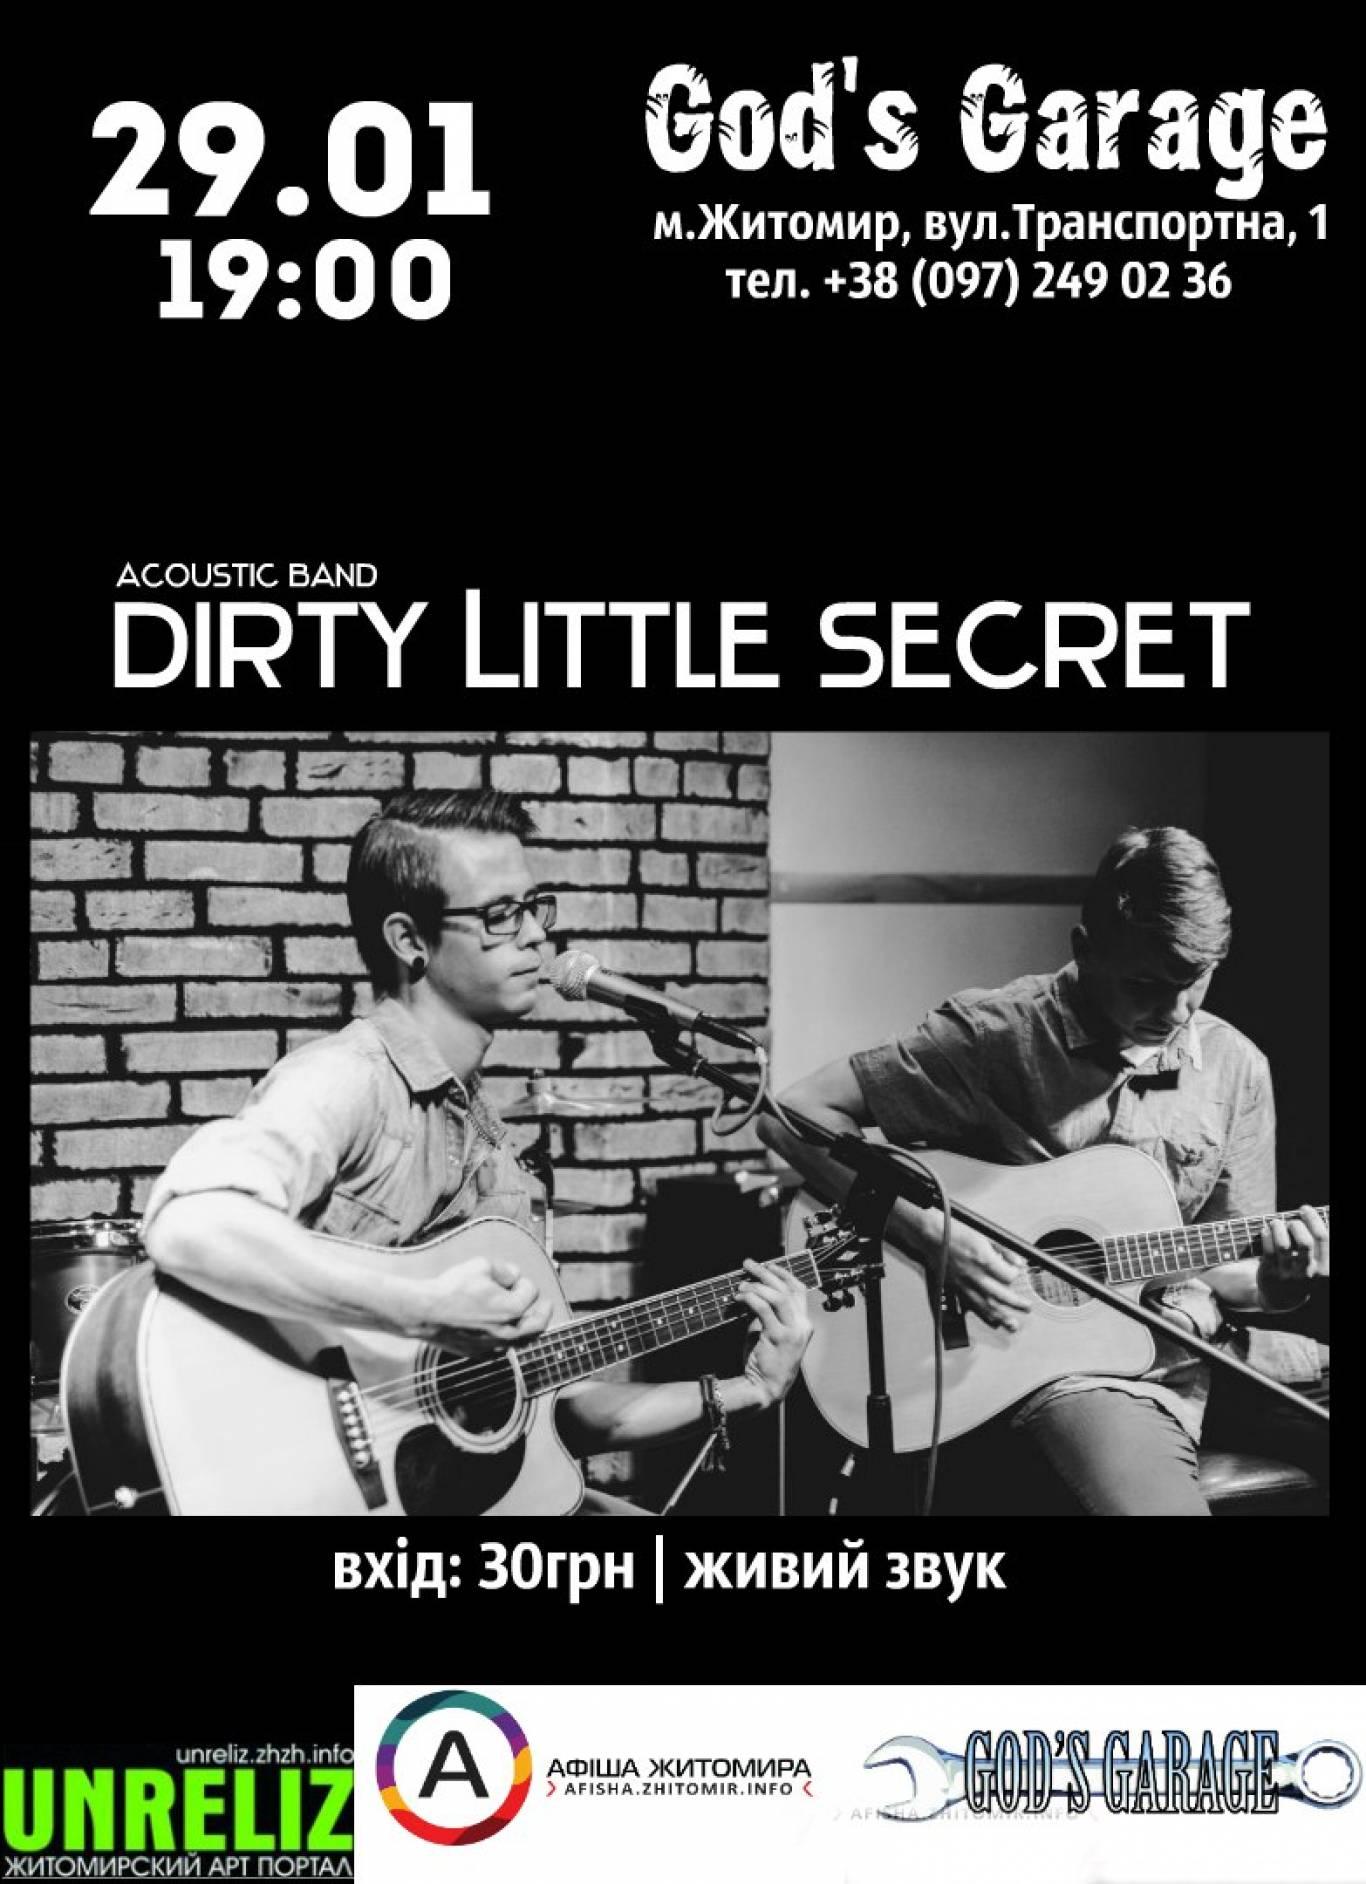 DIRTY LITTLE SECRET- вечір акустичної музики в GOD'S GARAGE